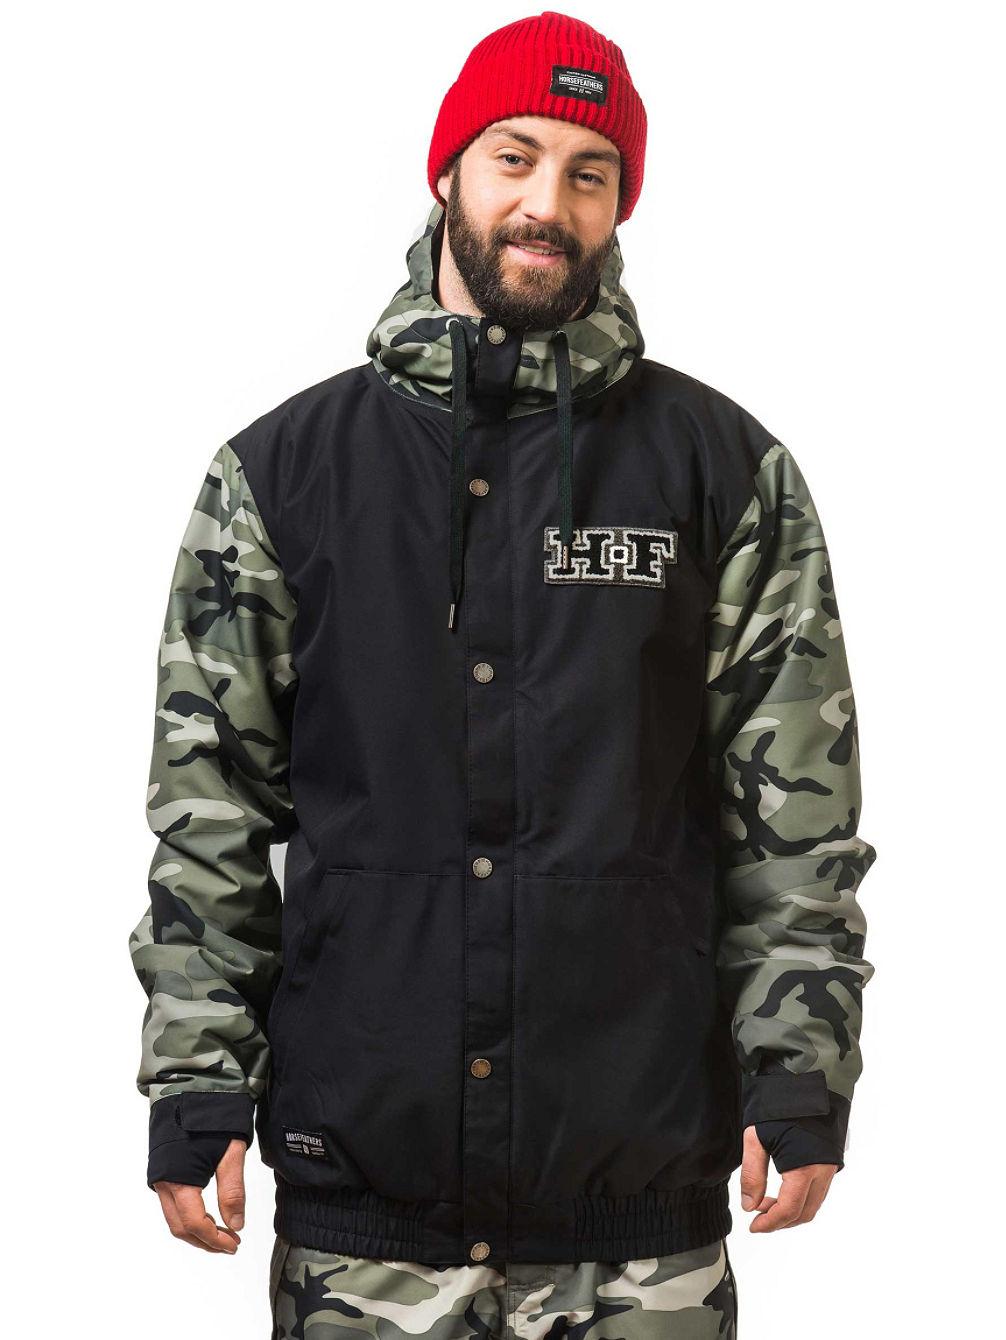 ratz-jacket